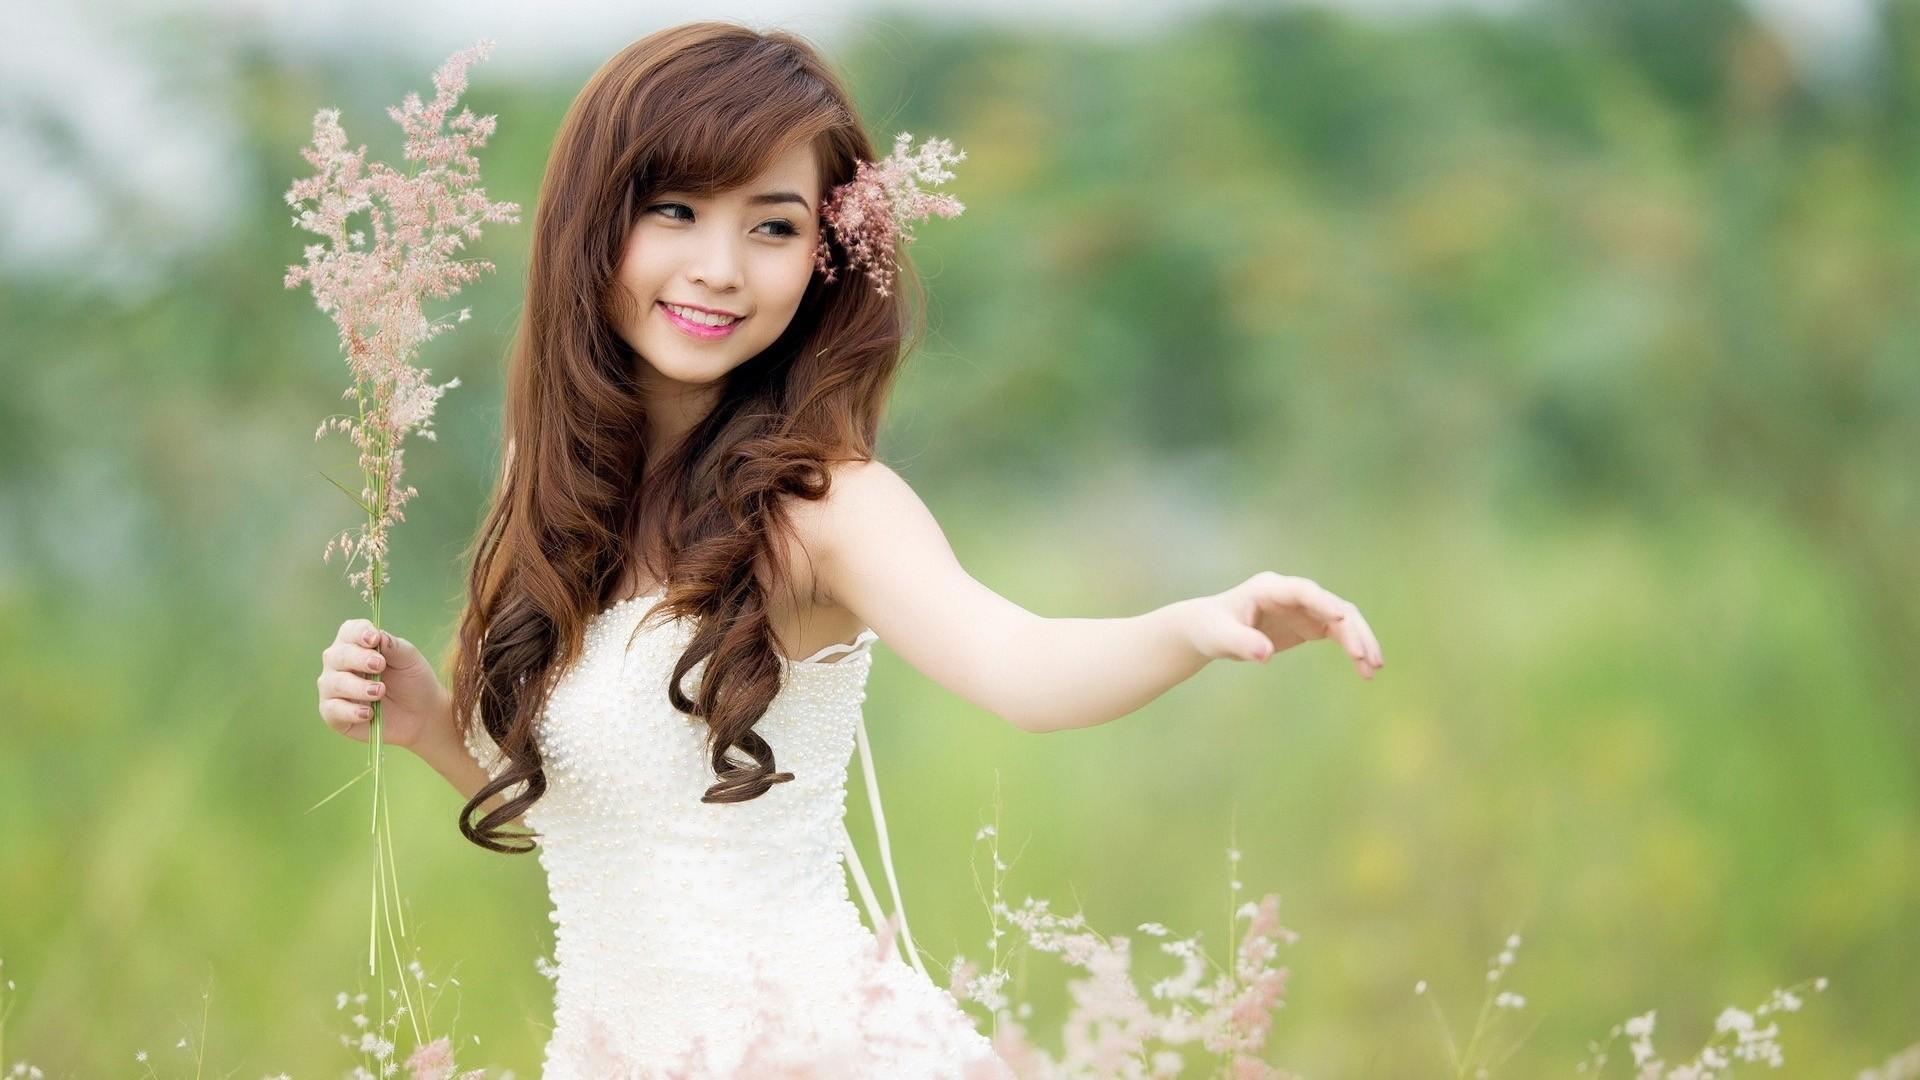 Cute Asian Girls Dancing HD Wallpaper